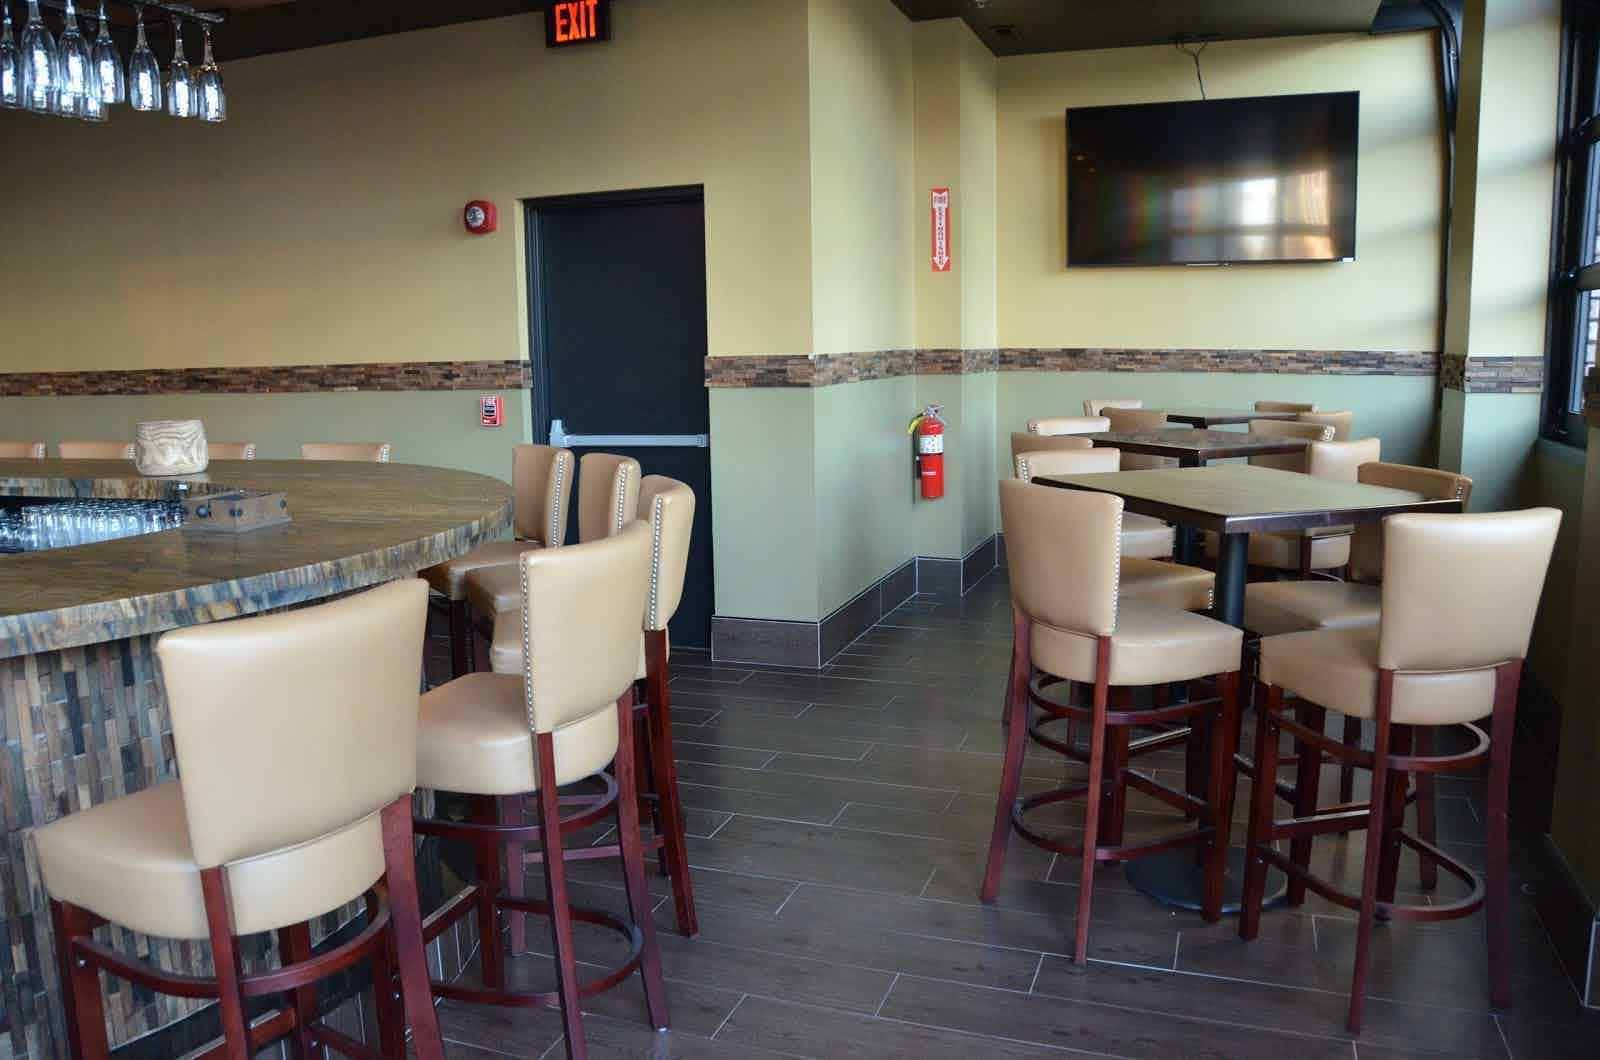 The Diner Nashville